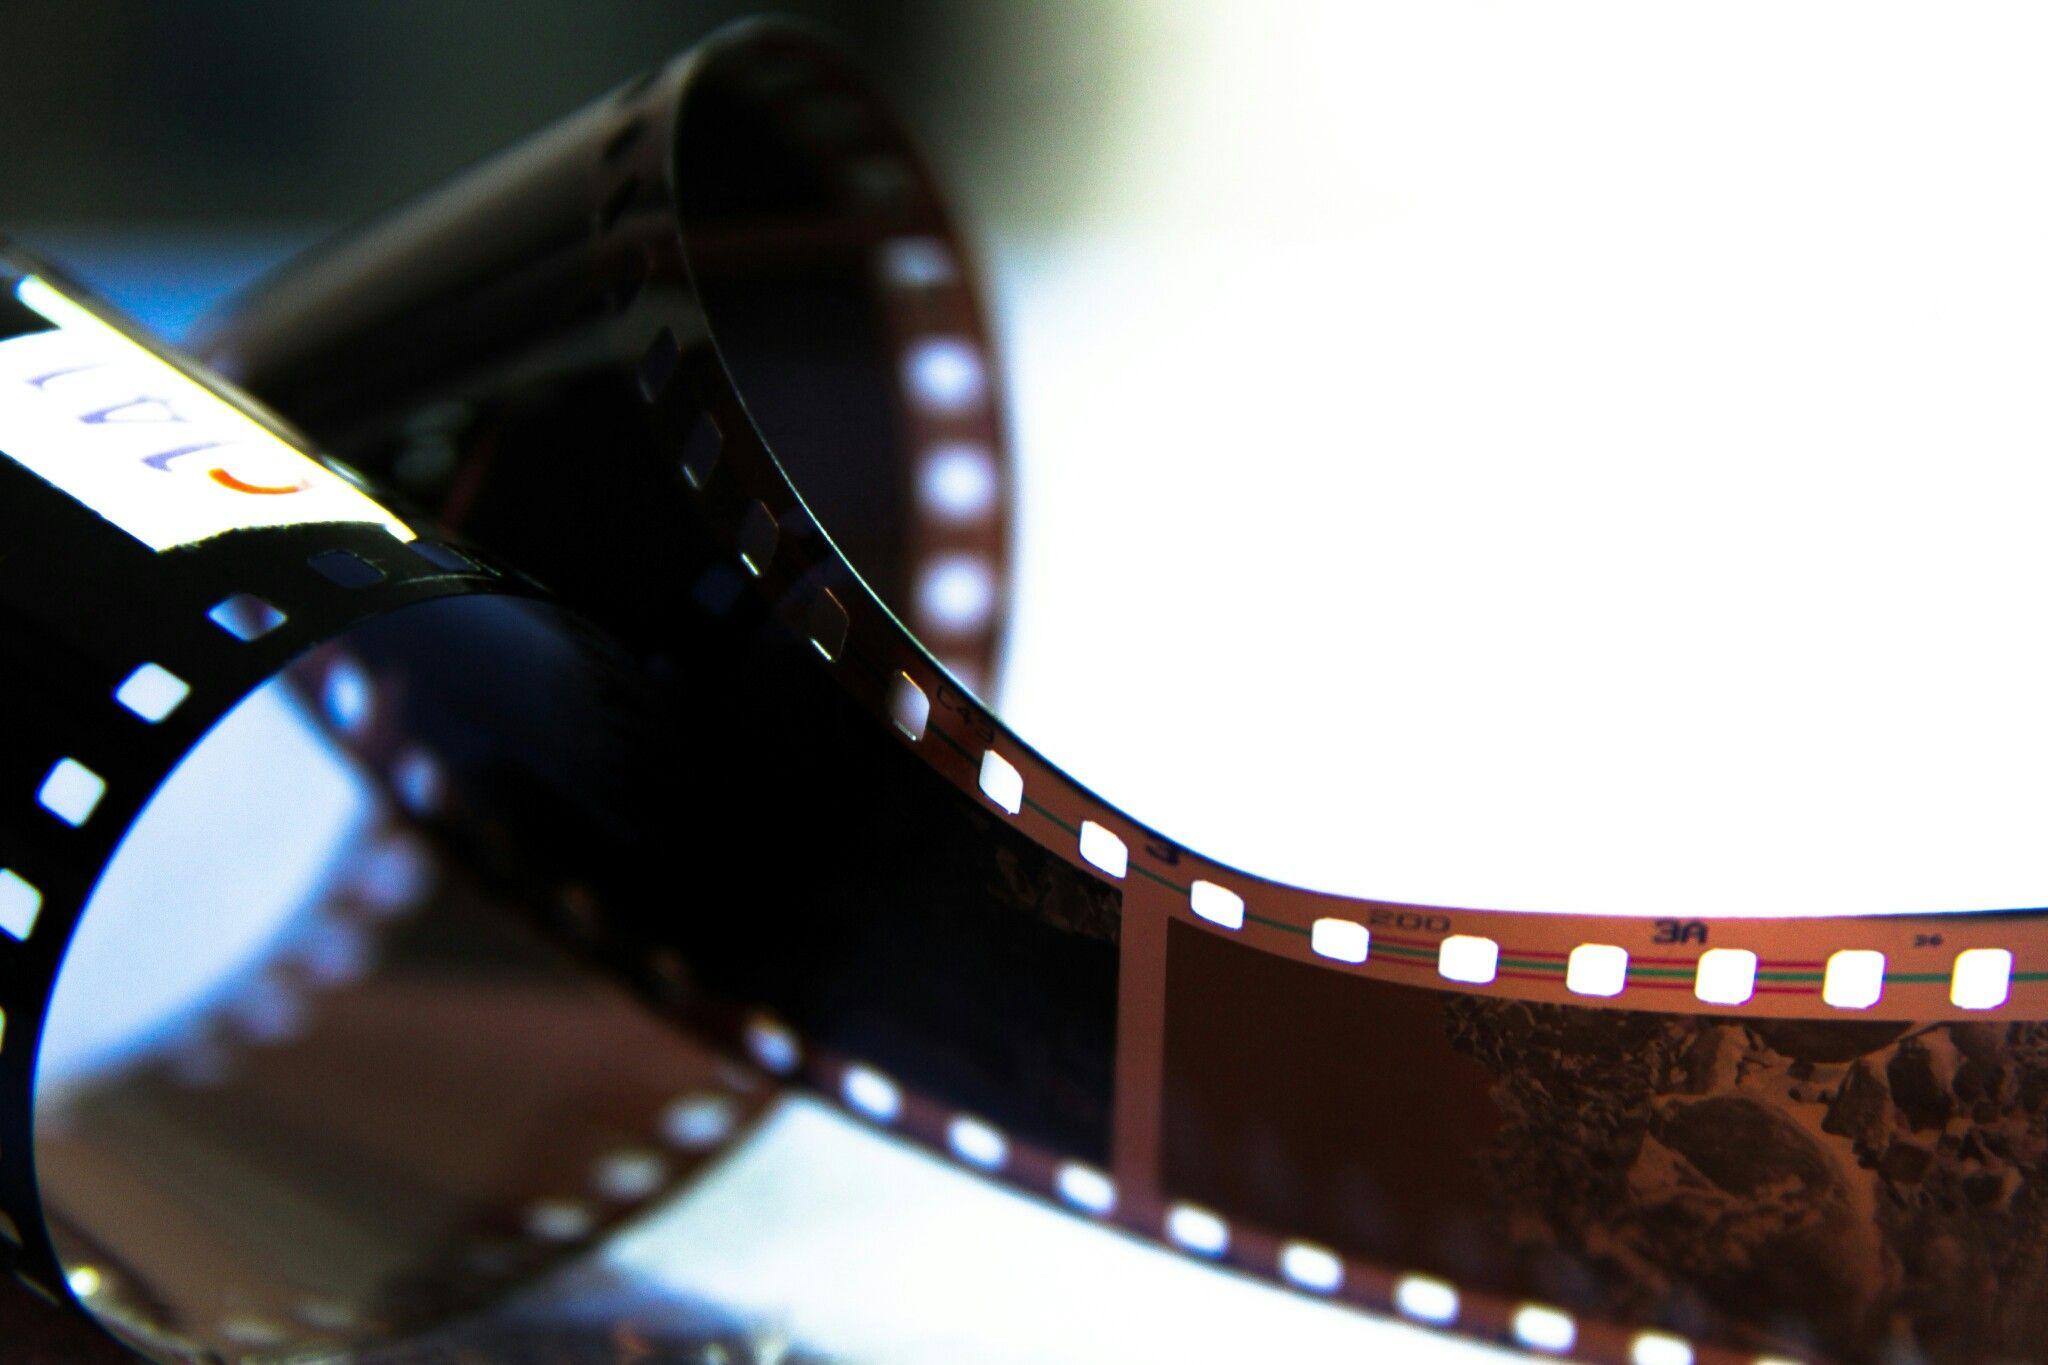 سال ۱۳۹۱ روزهای خاطره انگیزی که روی نگاتیو ثبت میکردیم منتظر میموندیم ۳۶ فریم نور میدید لابراتوار و اونوقت بود نتیجه Samsung Gear Fit Pictures Samsung Gear